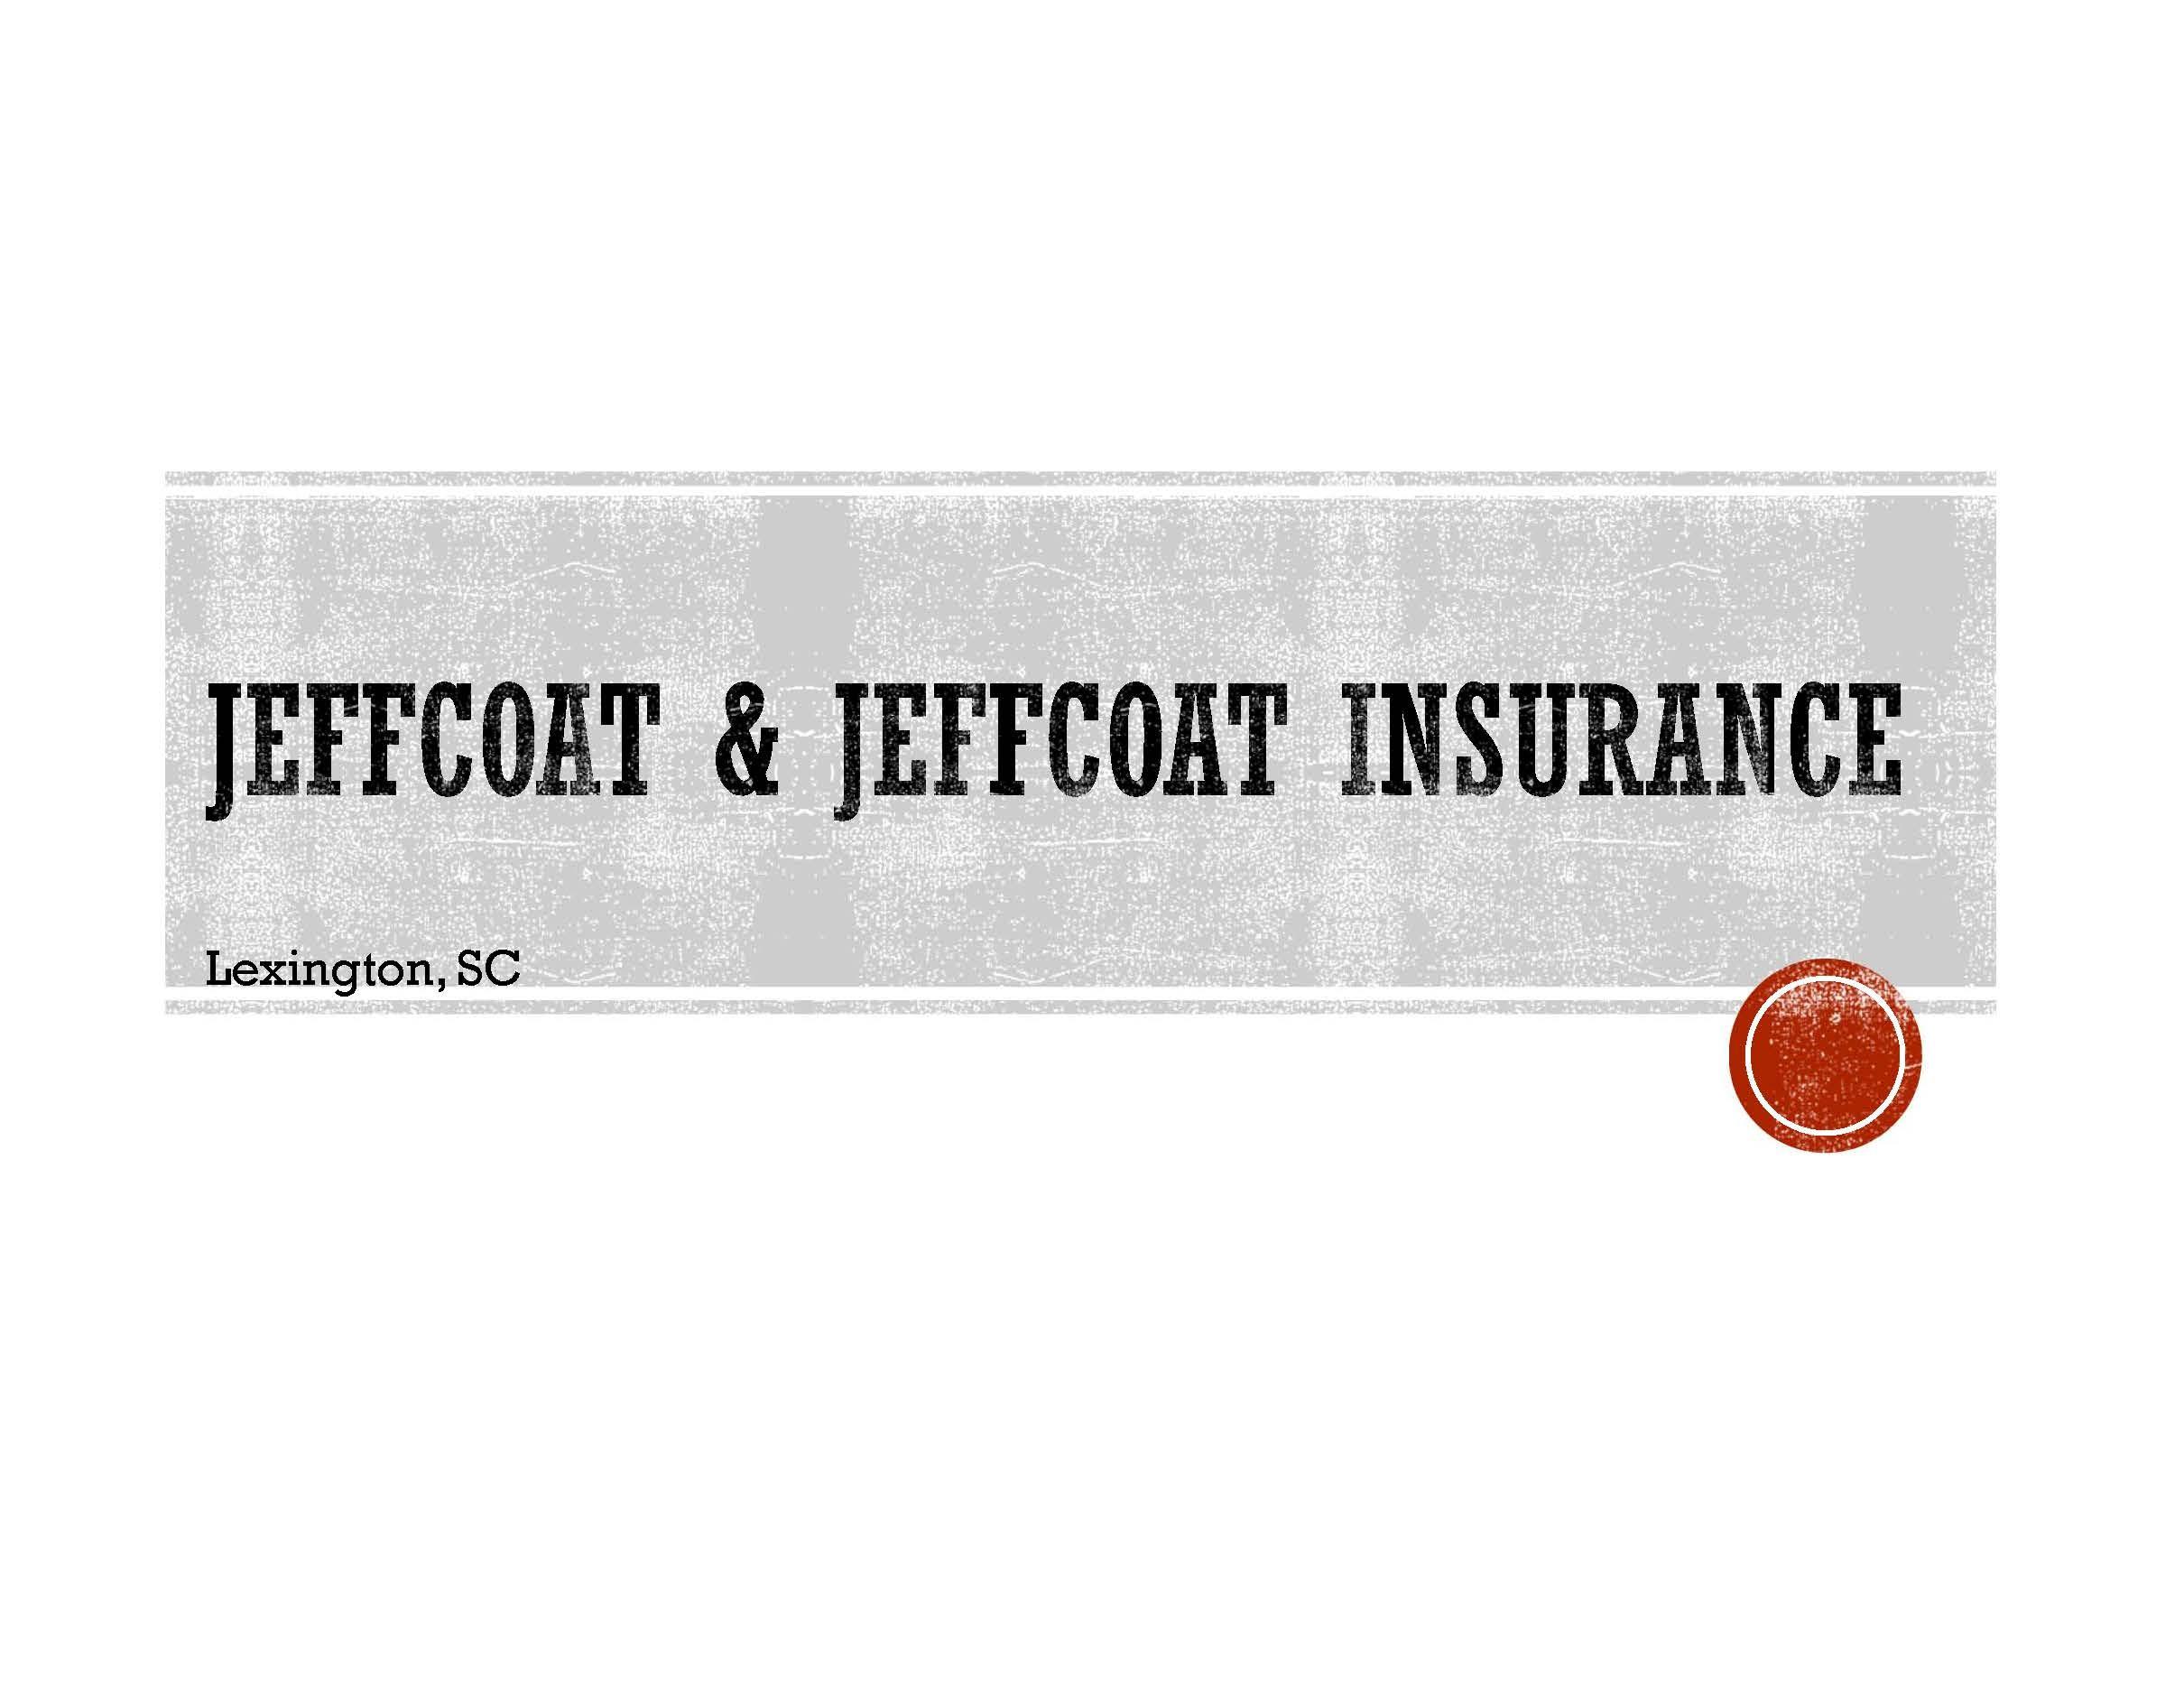 Jeffcoat & Jeffcoat Insurance | LinkedIn